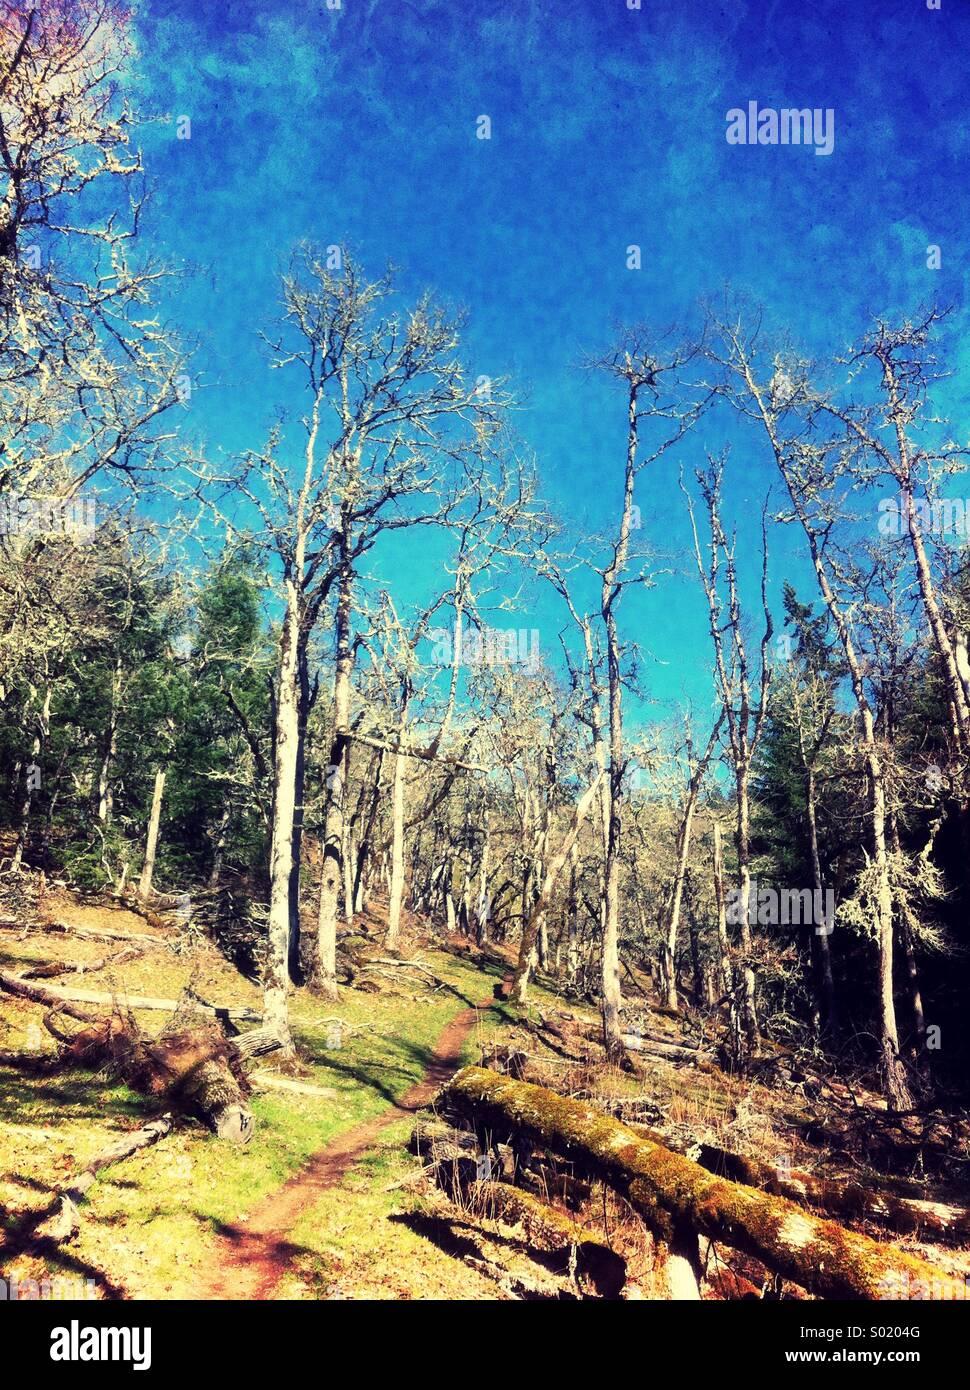 Vertikale Wald Szene Stockbild